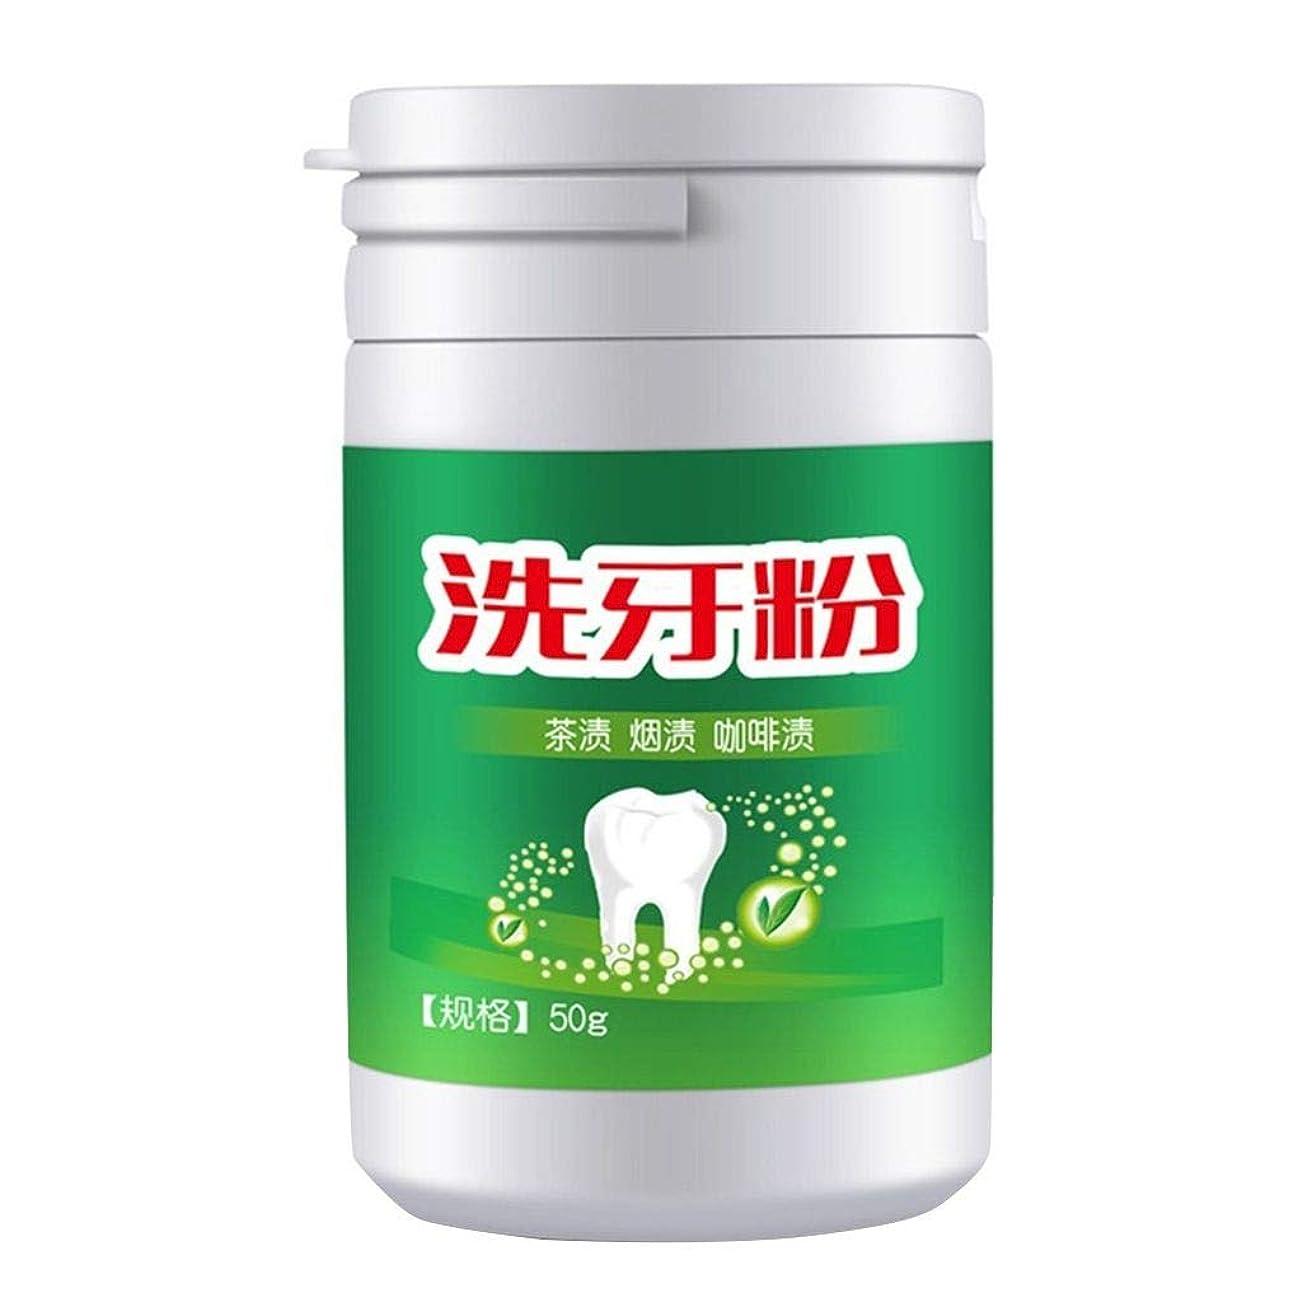 シエスタ対処無傷KOROWA 歯磨き粉 ステイン リムーバー 口腔衛生 ヘルス ケア ツール 喫煙を使用し 毎日イエロー ホワイトニング パウダープラーク